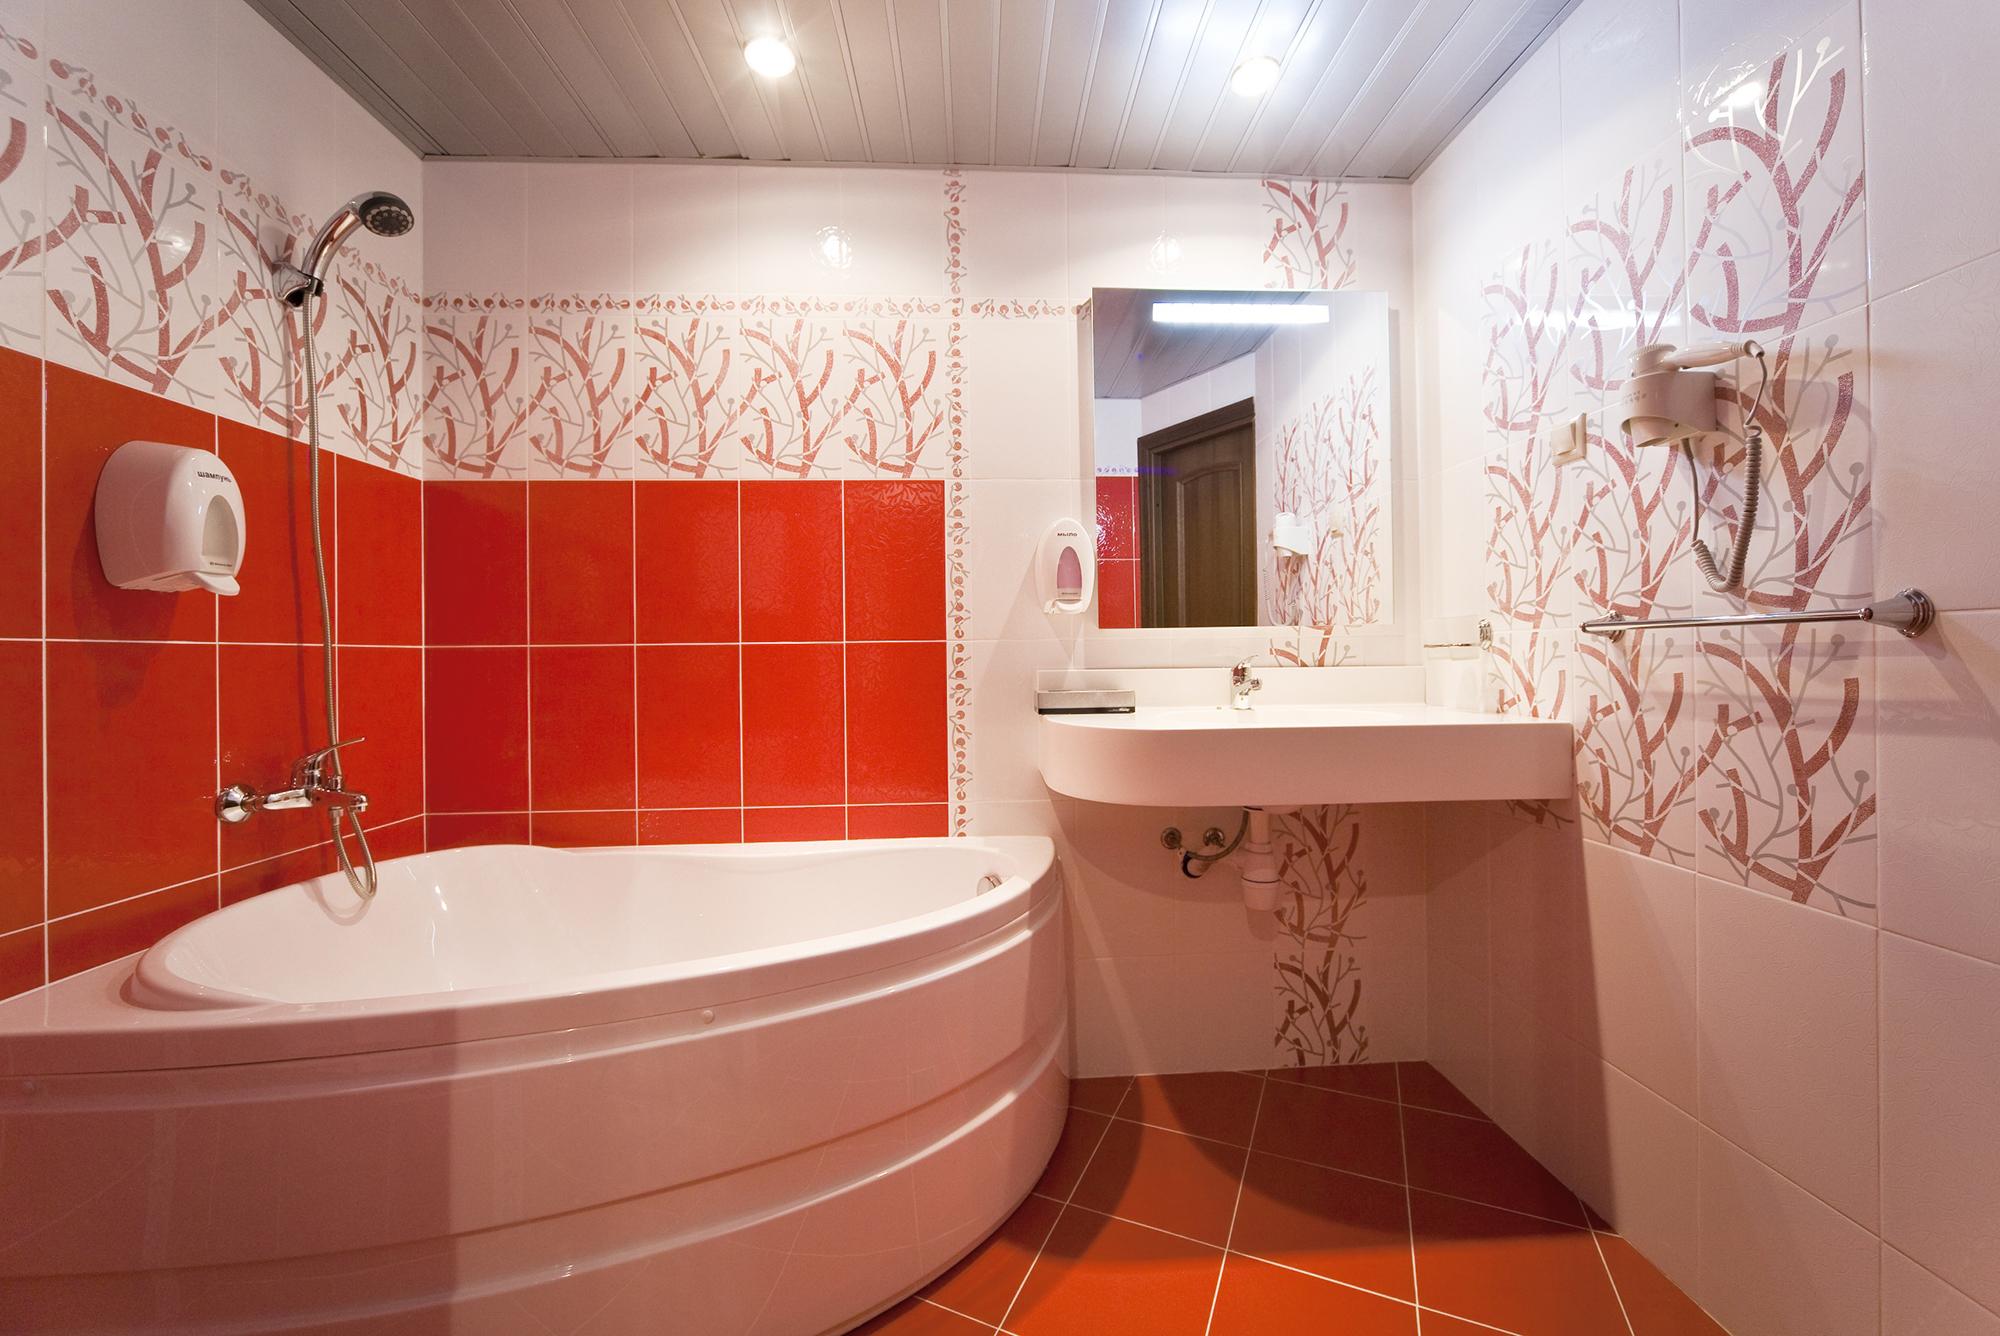 Оранжевый пол в интерьере ванной